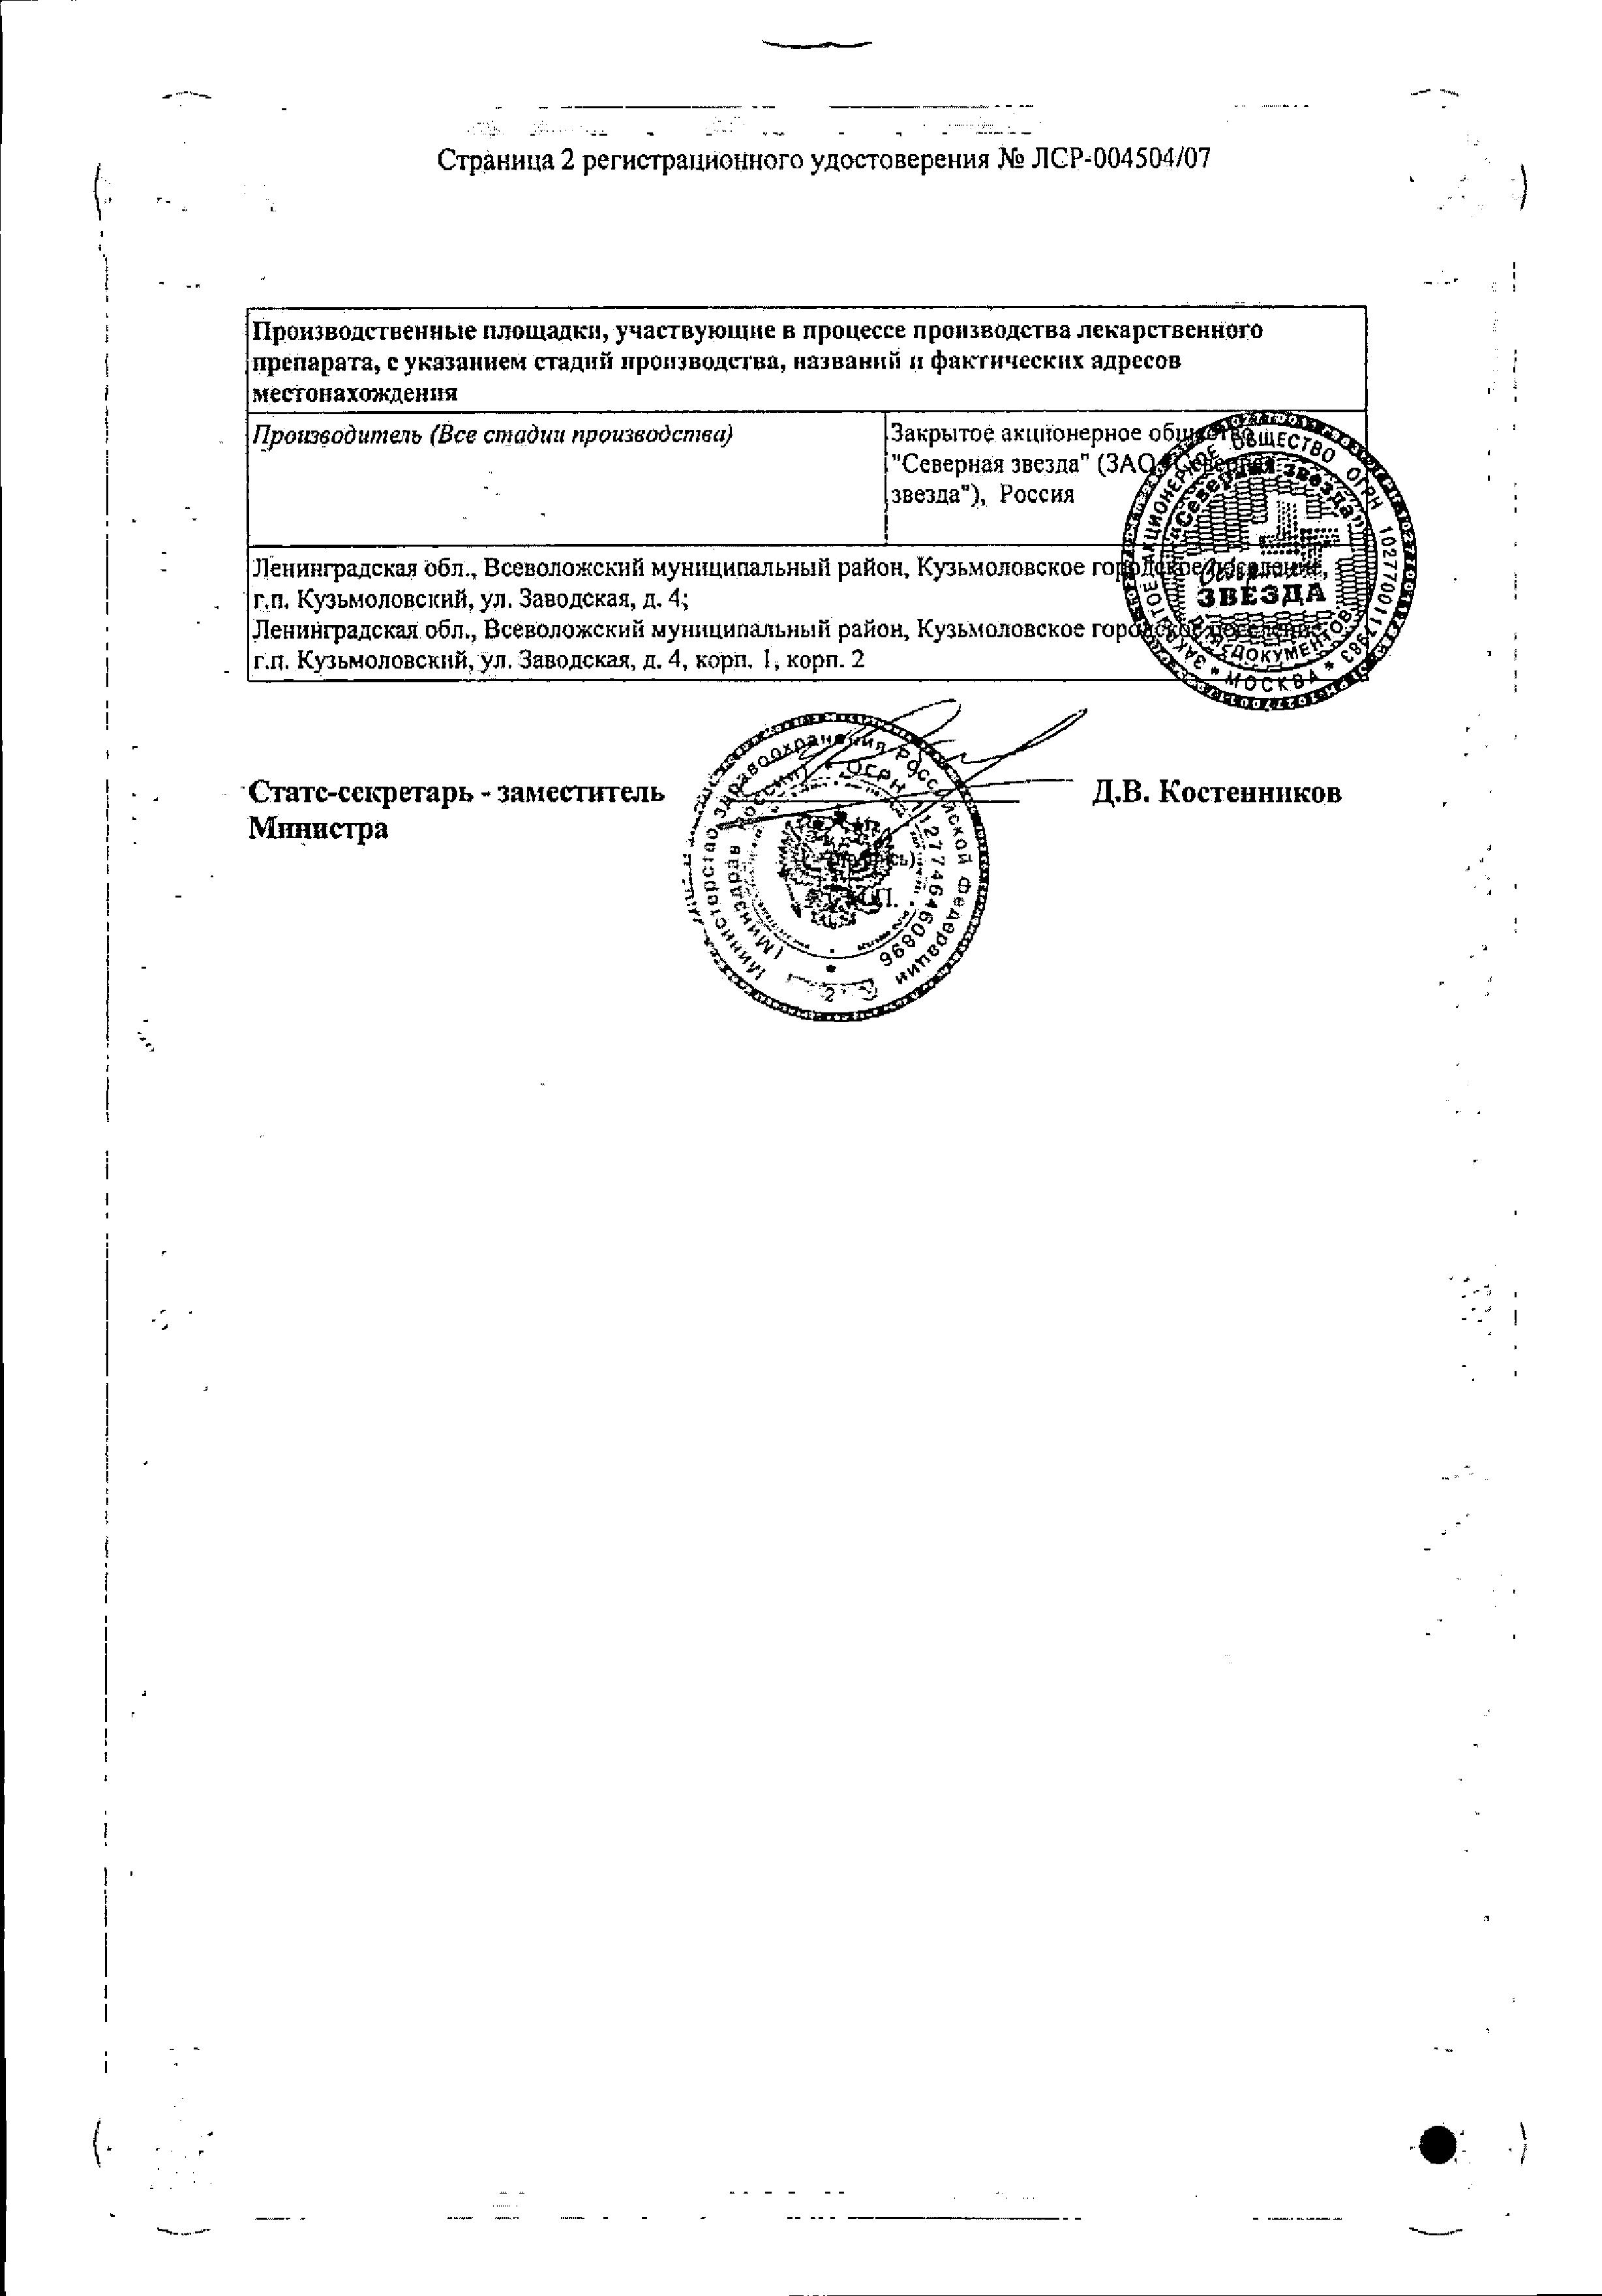 Лизиноприл-СЗ сертификат